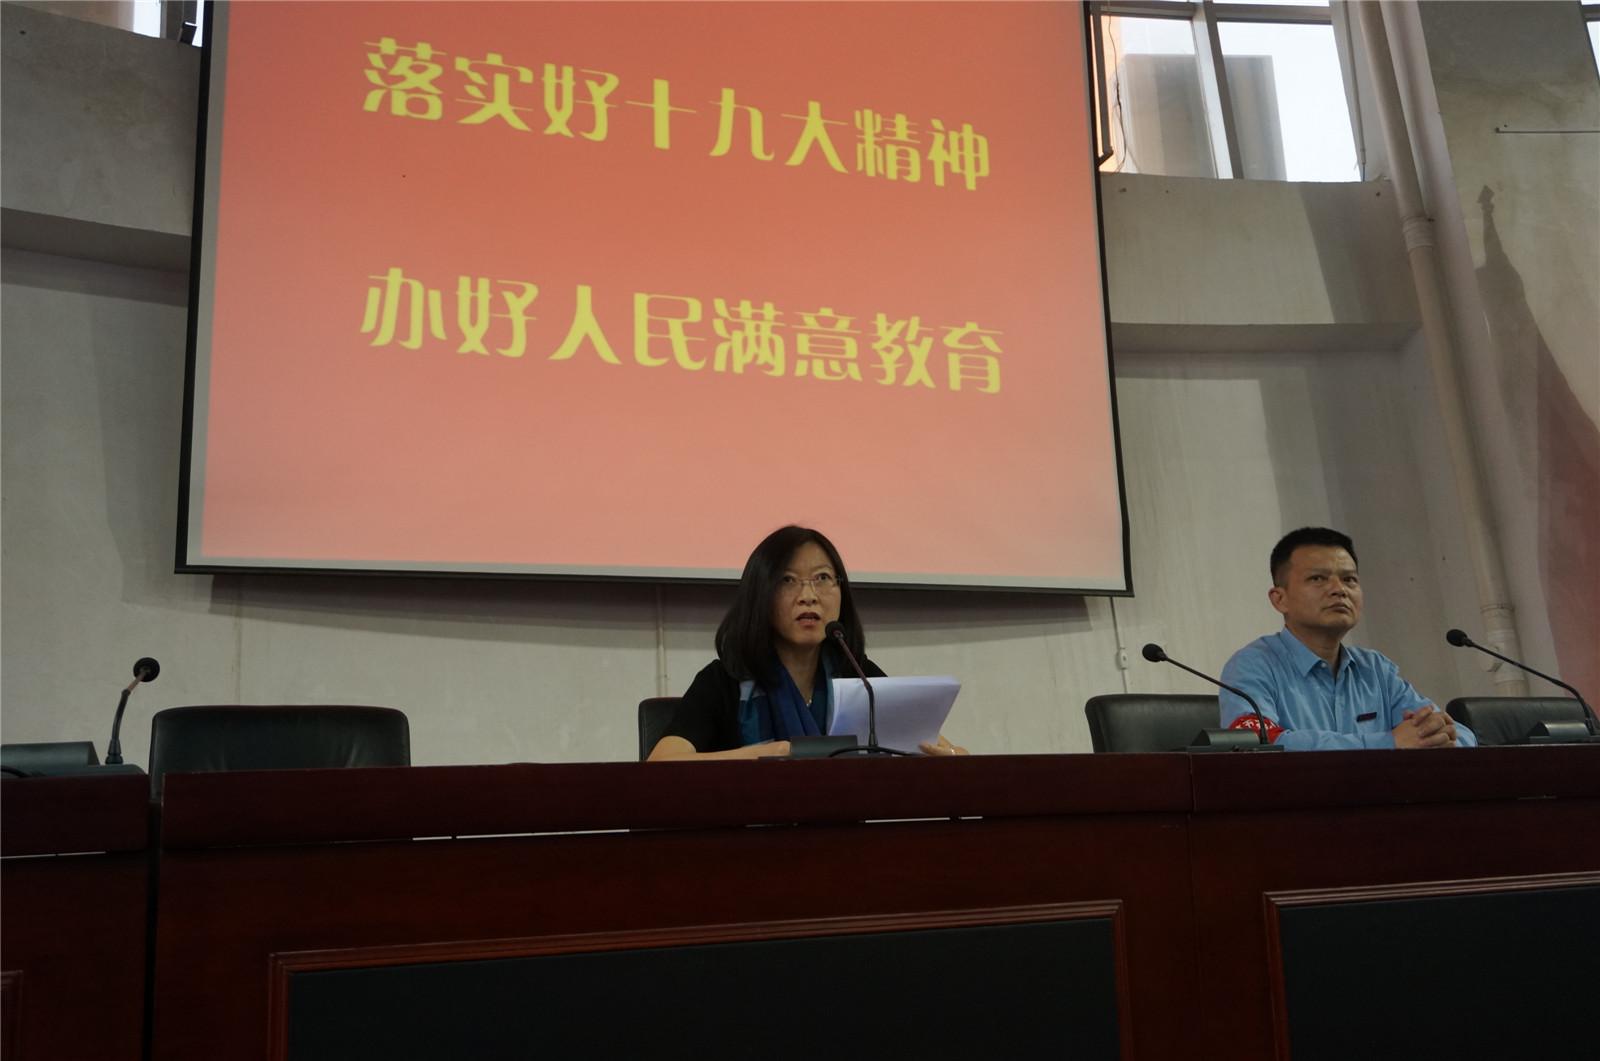 五中党委举行学习贯彻党的十九大精神专题党课